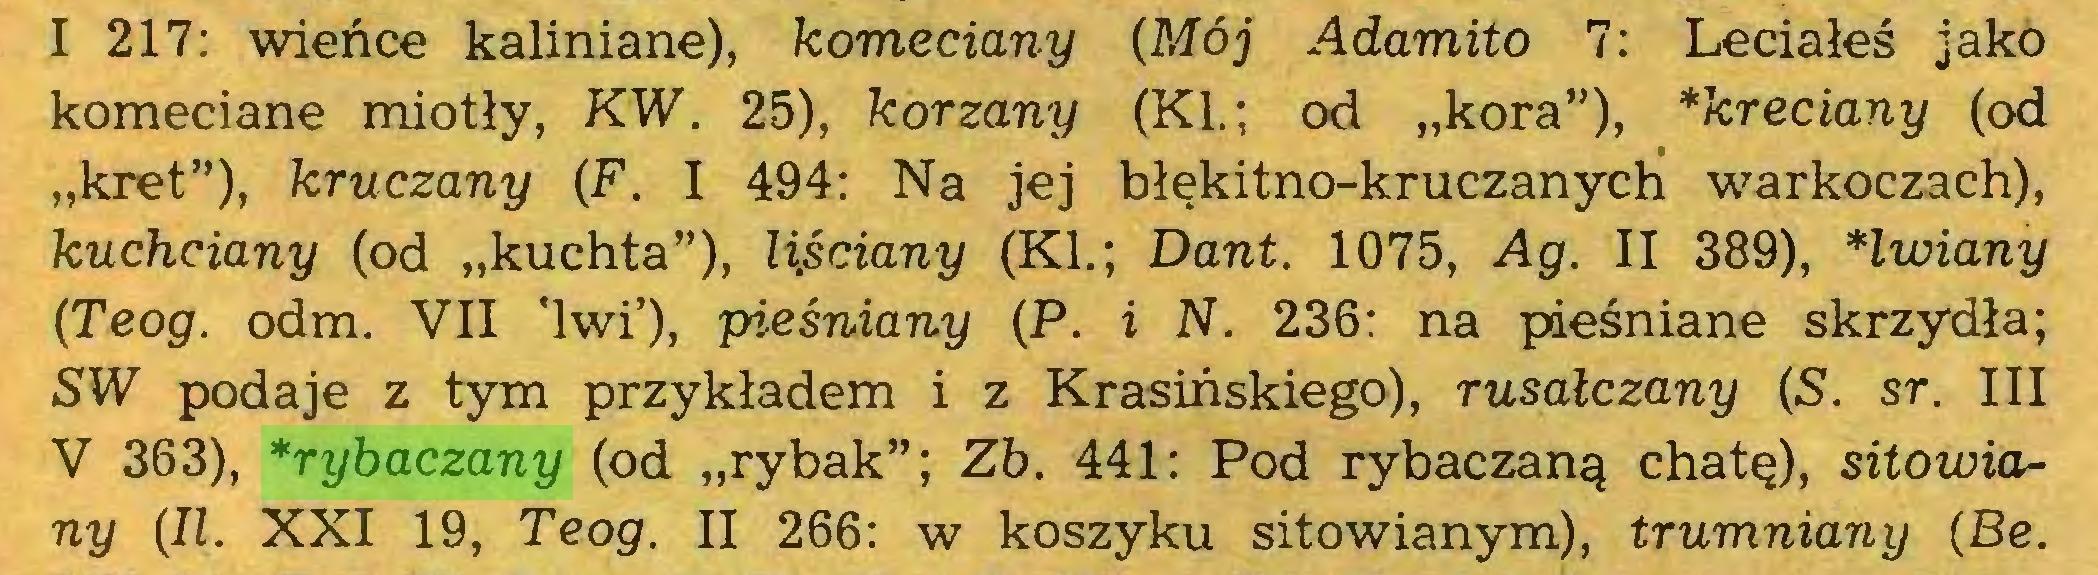 """(...) I 217: wieńce kałiniane), komedany {Mój Adamito 7: Leciałeś jako komeciane miotły, KW. 25), korzany (KI.; od """"kora""""), *kredany (od """"kret""""), kruczany {F. I 494: Na jej błękitno-kruczanycłi warkoczach), kuchdany (od """"kuchta""""), li,śdany (KI.; Dant. 1075, Ag. II 389), *lwiany {Teog. odm. VII 'lwi'), pieśniany (P. i N. 236: na pieśniane skrzydła; SW podaje z tym przykładem i z Krasińskiego), rusałczany {S. sr. III V 363), *rybaczany (od """"rybak""""; Zb. 441: Pod rybaczaną chatę), sitowiany {II. XXI 19, Teog. II 266: w koszyku sitowianym), trumniany {Be..."""